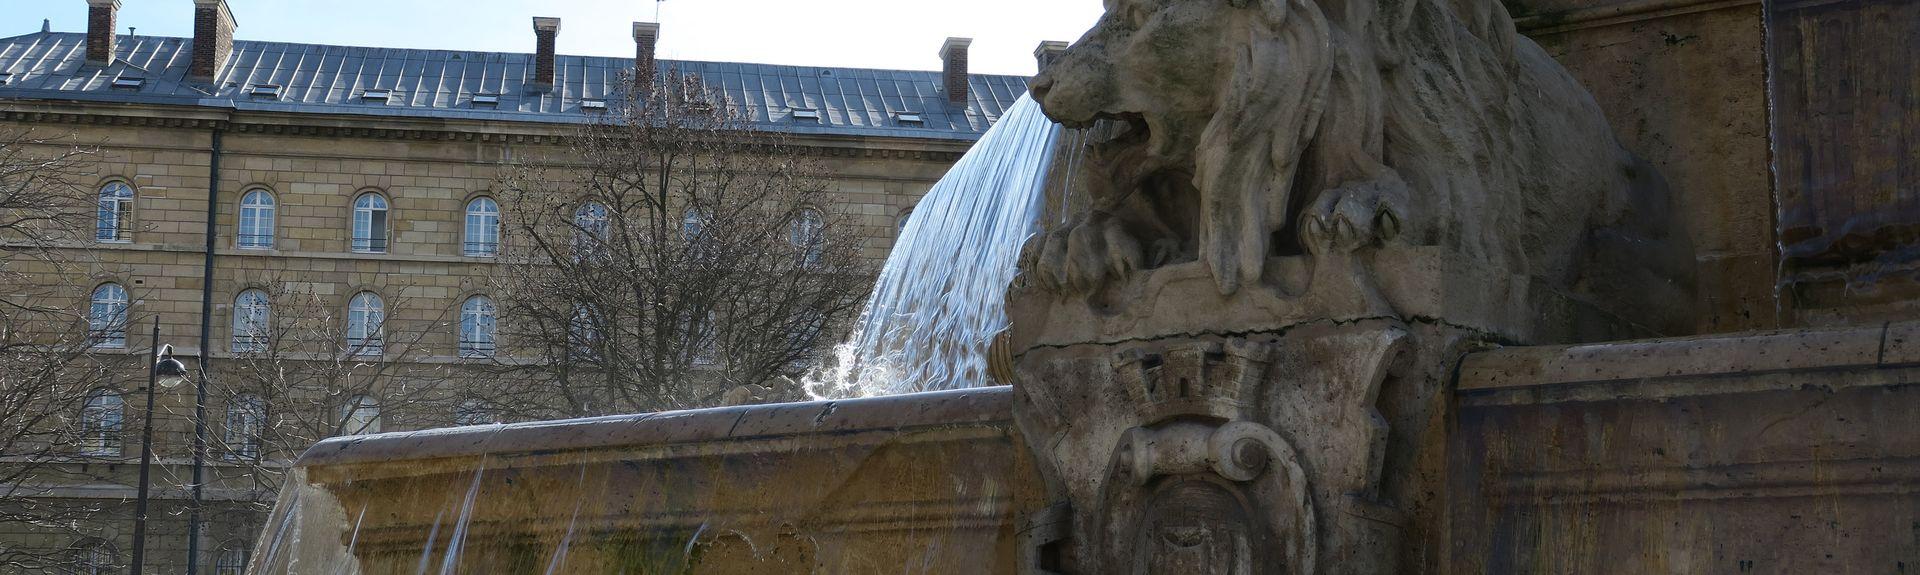 Notre-Dame-des-Champs, Paris, Frankrig